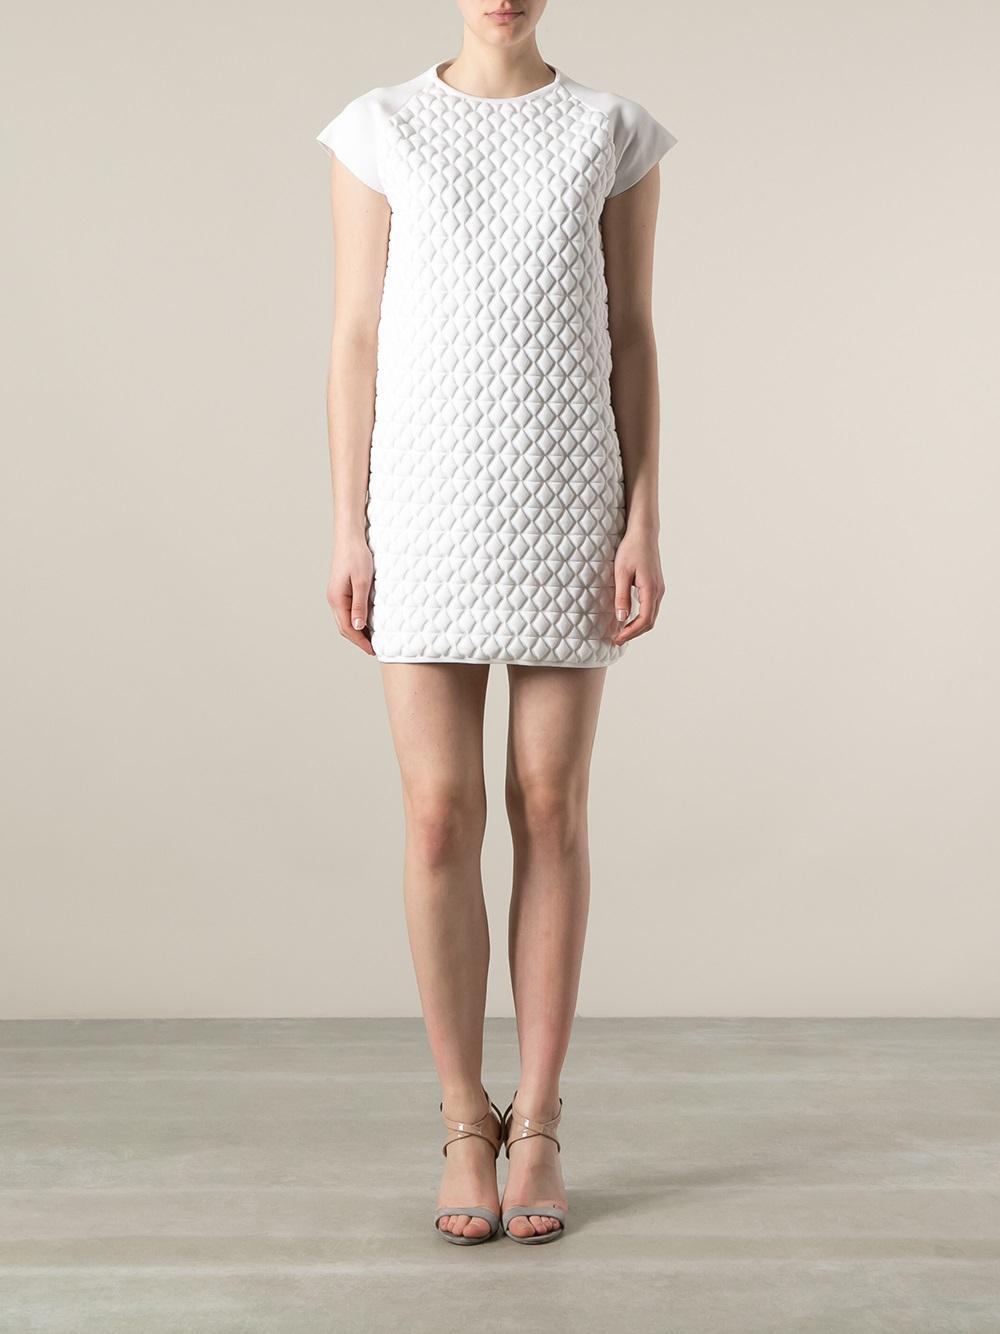 Lyst Vionnet Embossed Dress In White